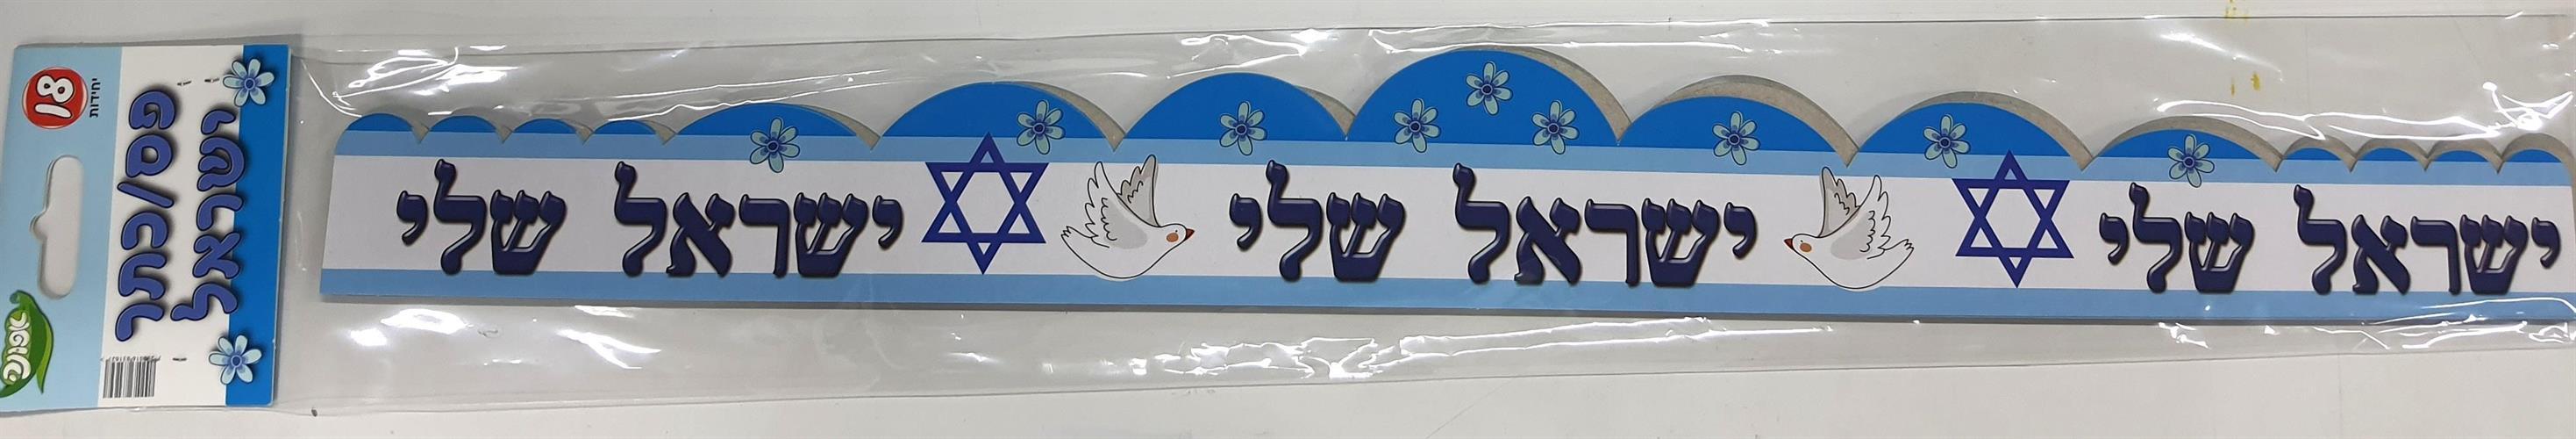 כתרים ישראל שלי